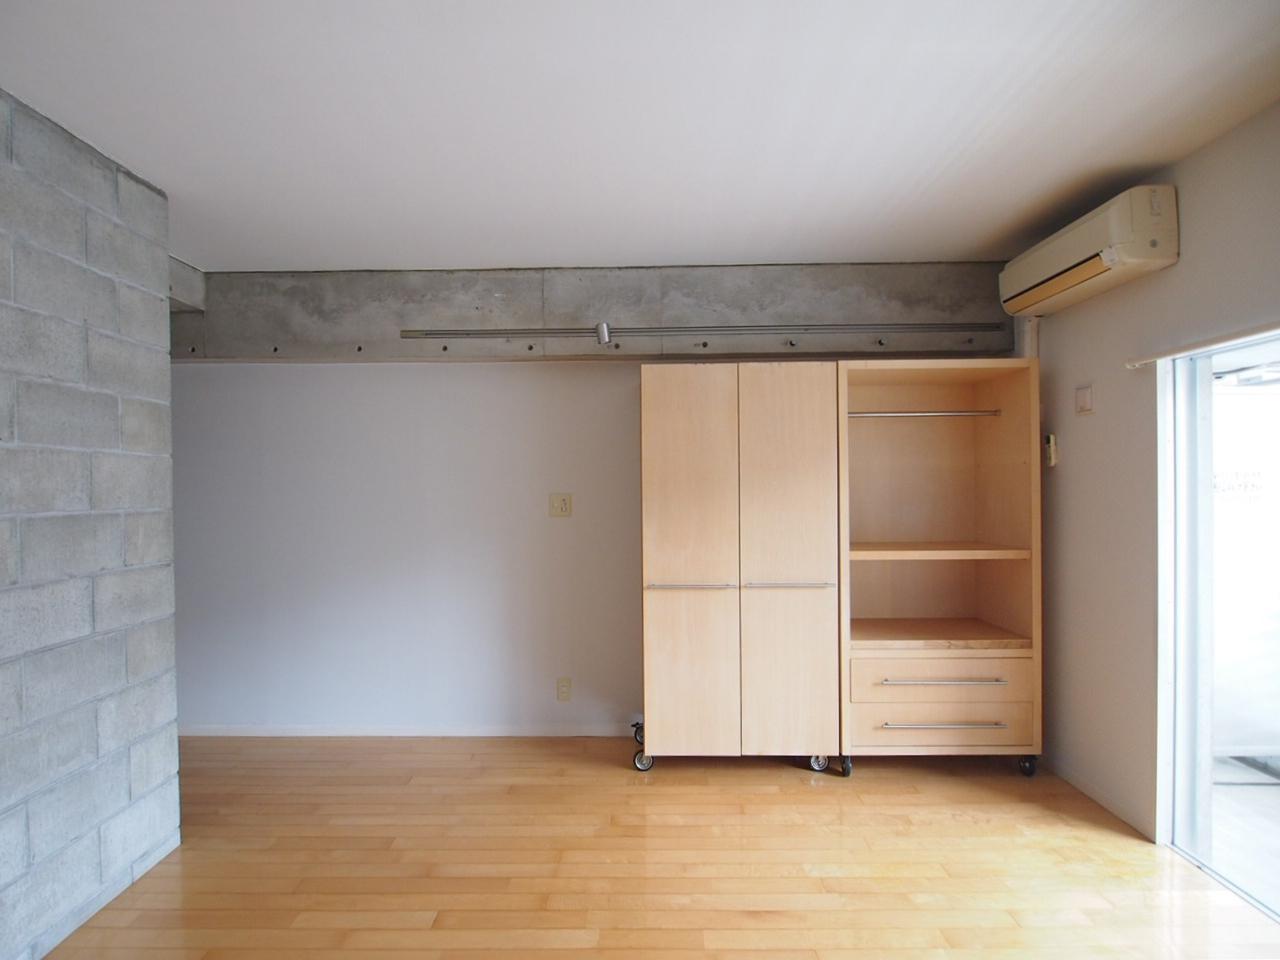 可動式収納棚で間取りを自由に調整